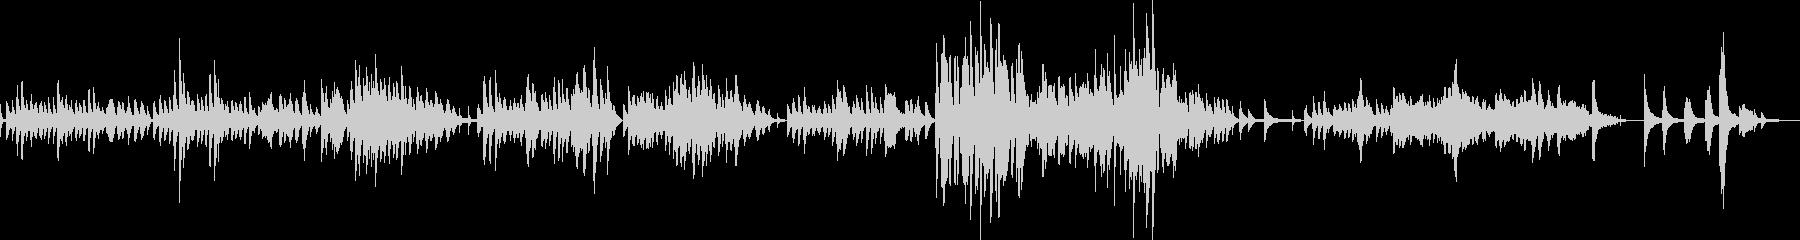 ショパン ノクターン Op55-No1の未再生の波形